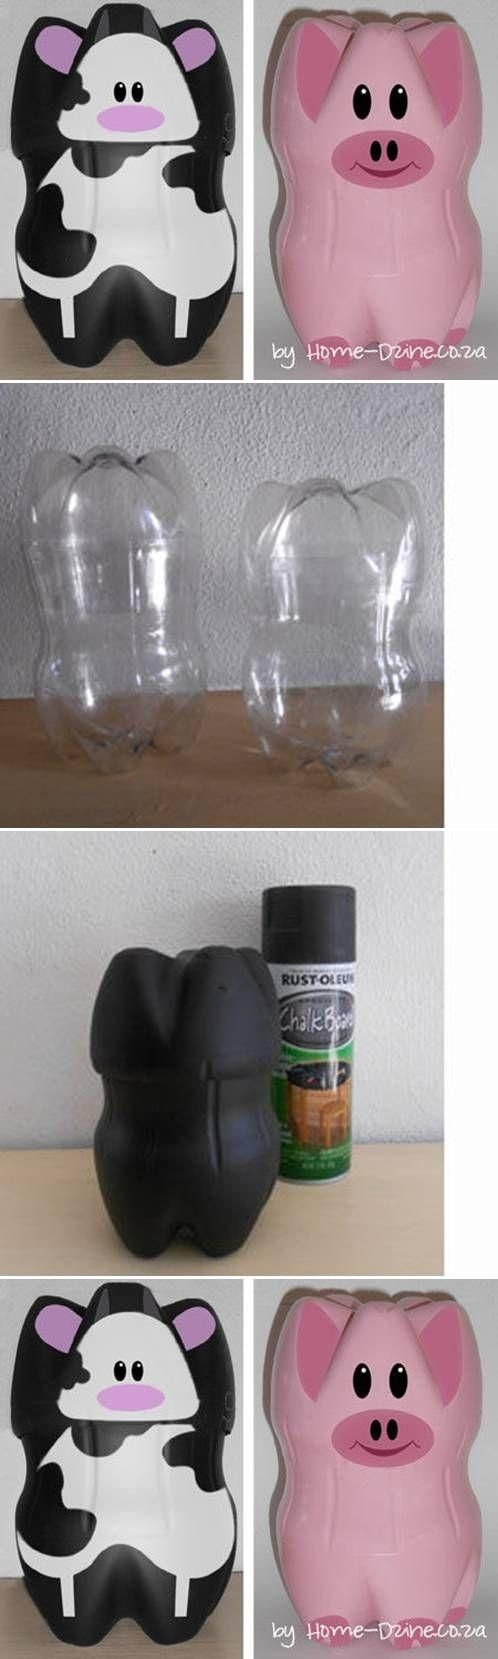 DIY Lovely Plastic Bottle Piggy DIY Lovely Plastic Bottle Piggy by Jersica